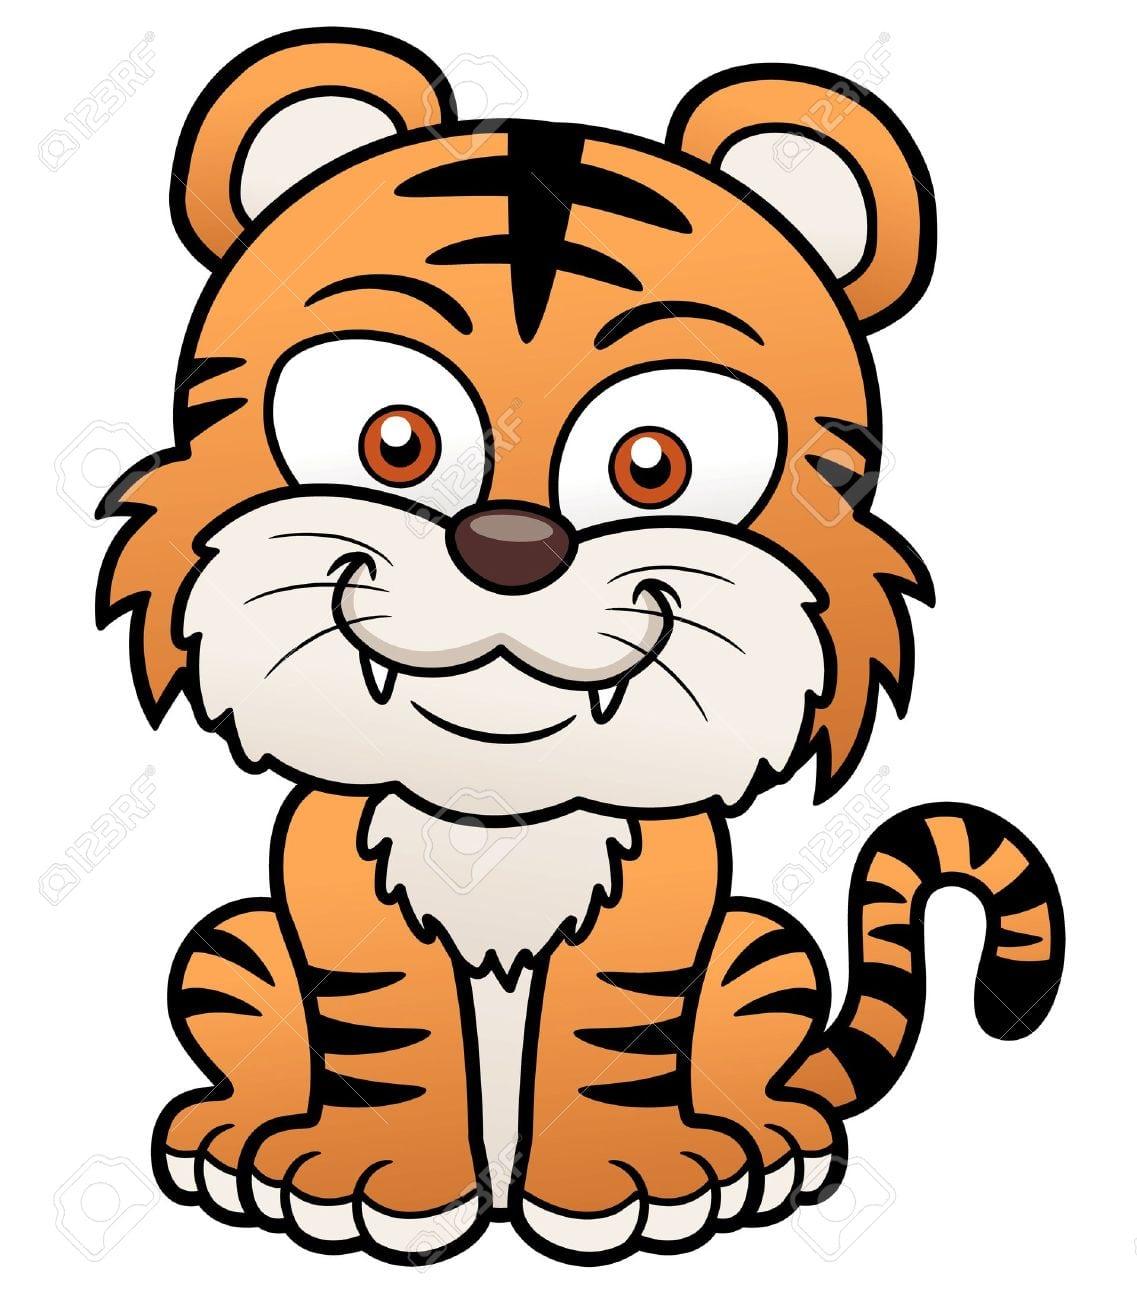 Ilustração Do Vetor Do Tigre Dos Desenhos Animados Royalty Free